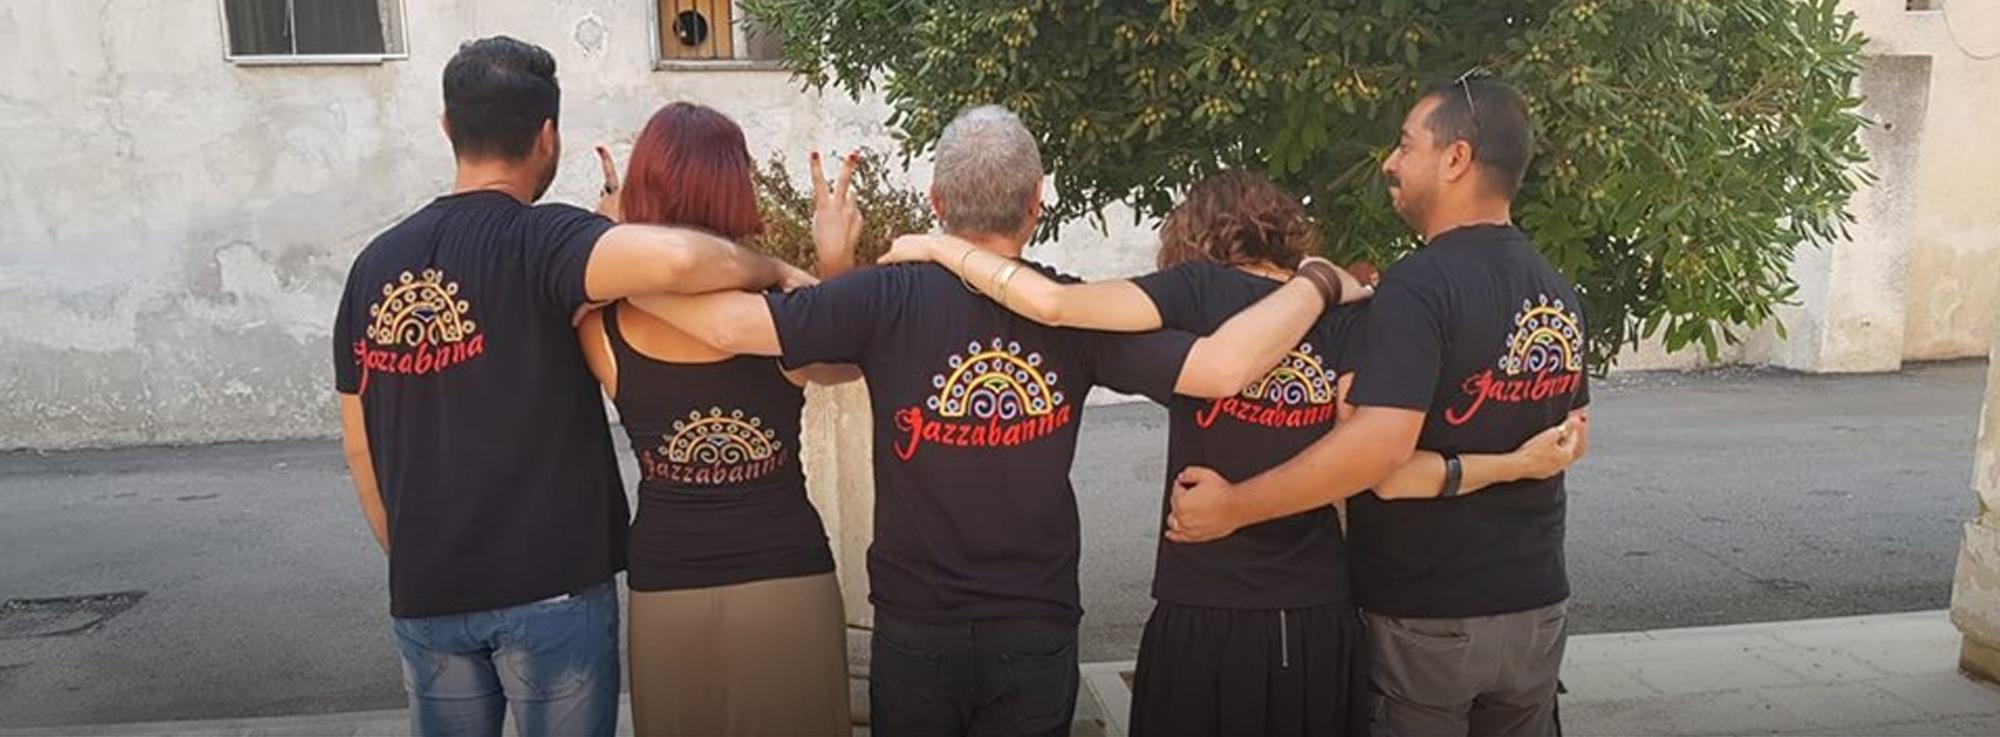 Francavilla Fontana: Festa della Vecchia Spilosa